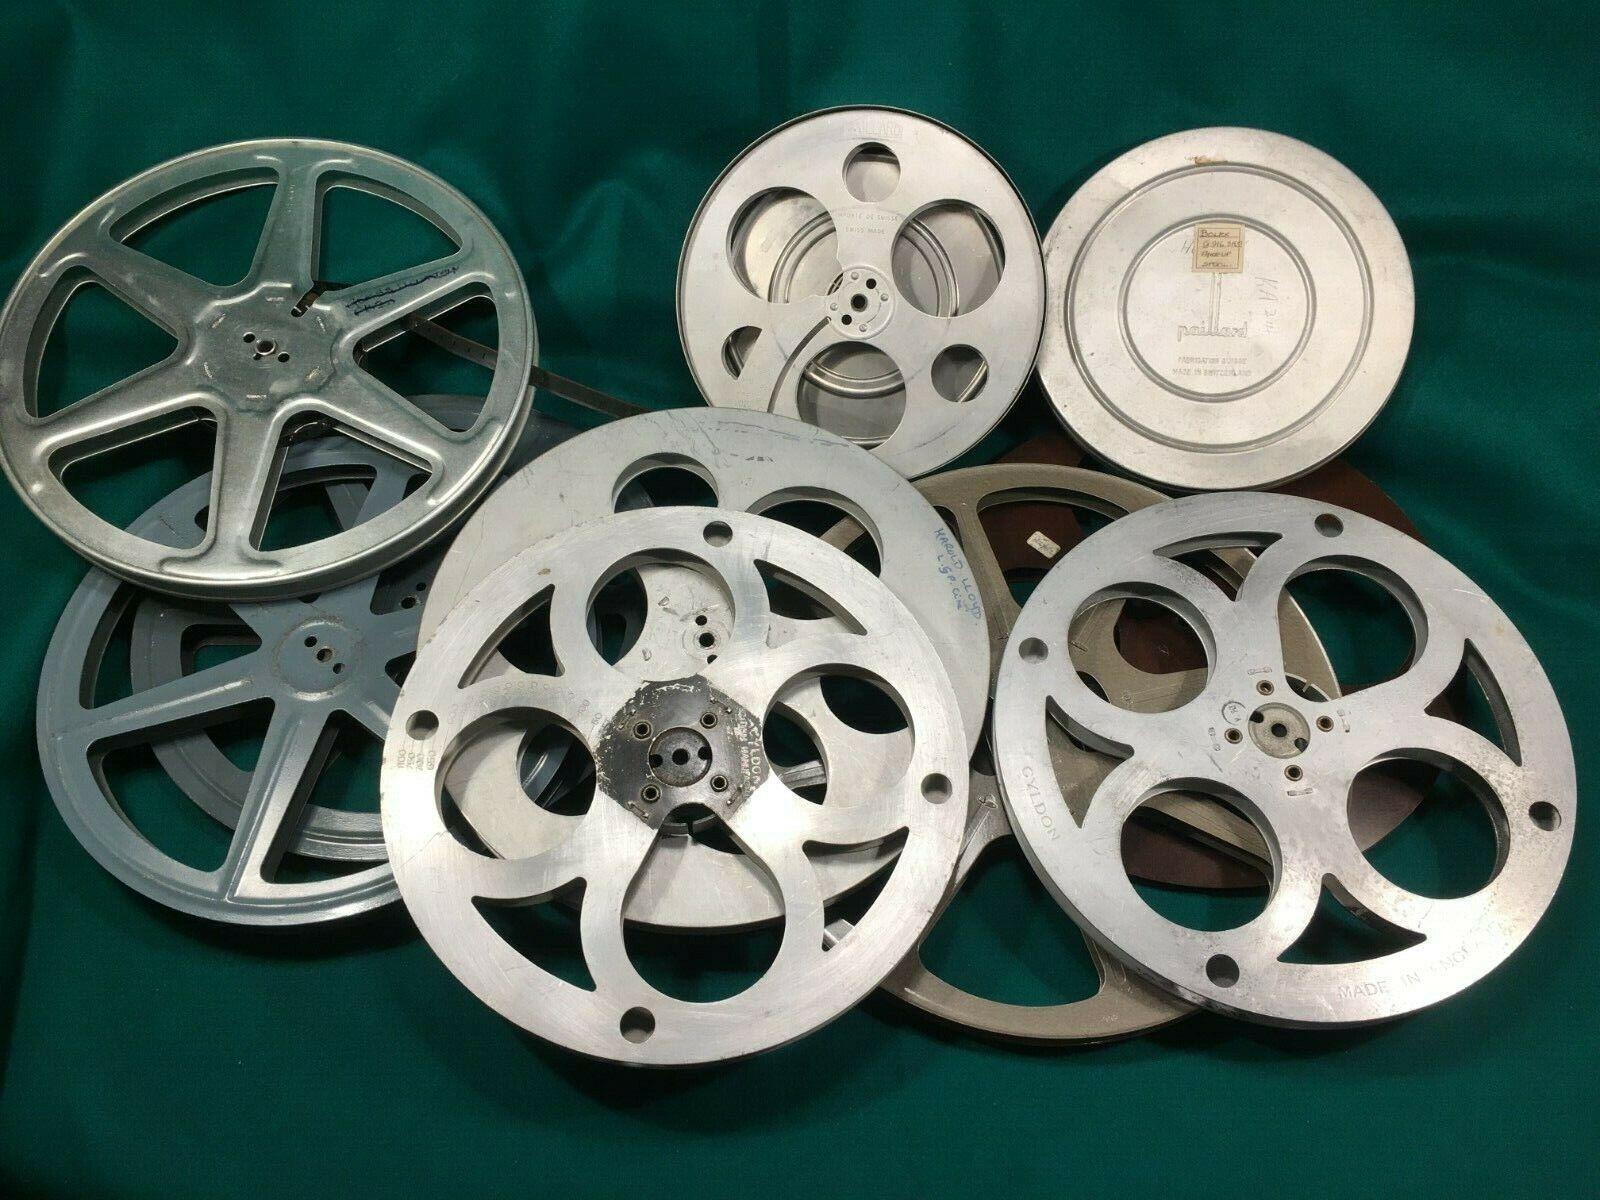 Pathescope Paillard Cyldon Cecol 9.5mm Cine Spool Film Reels 800 Ft Empty Spools